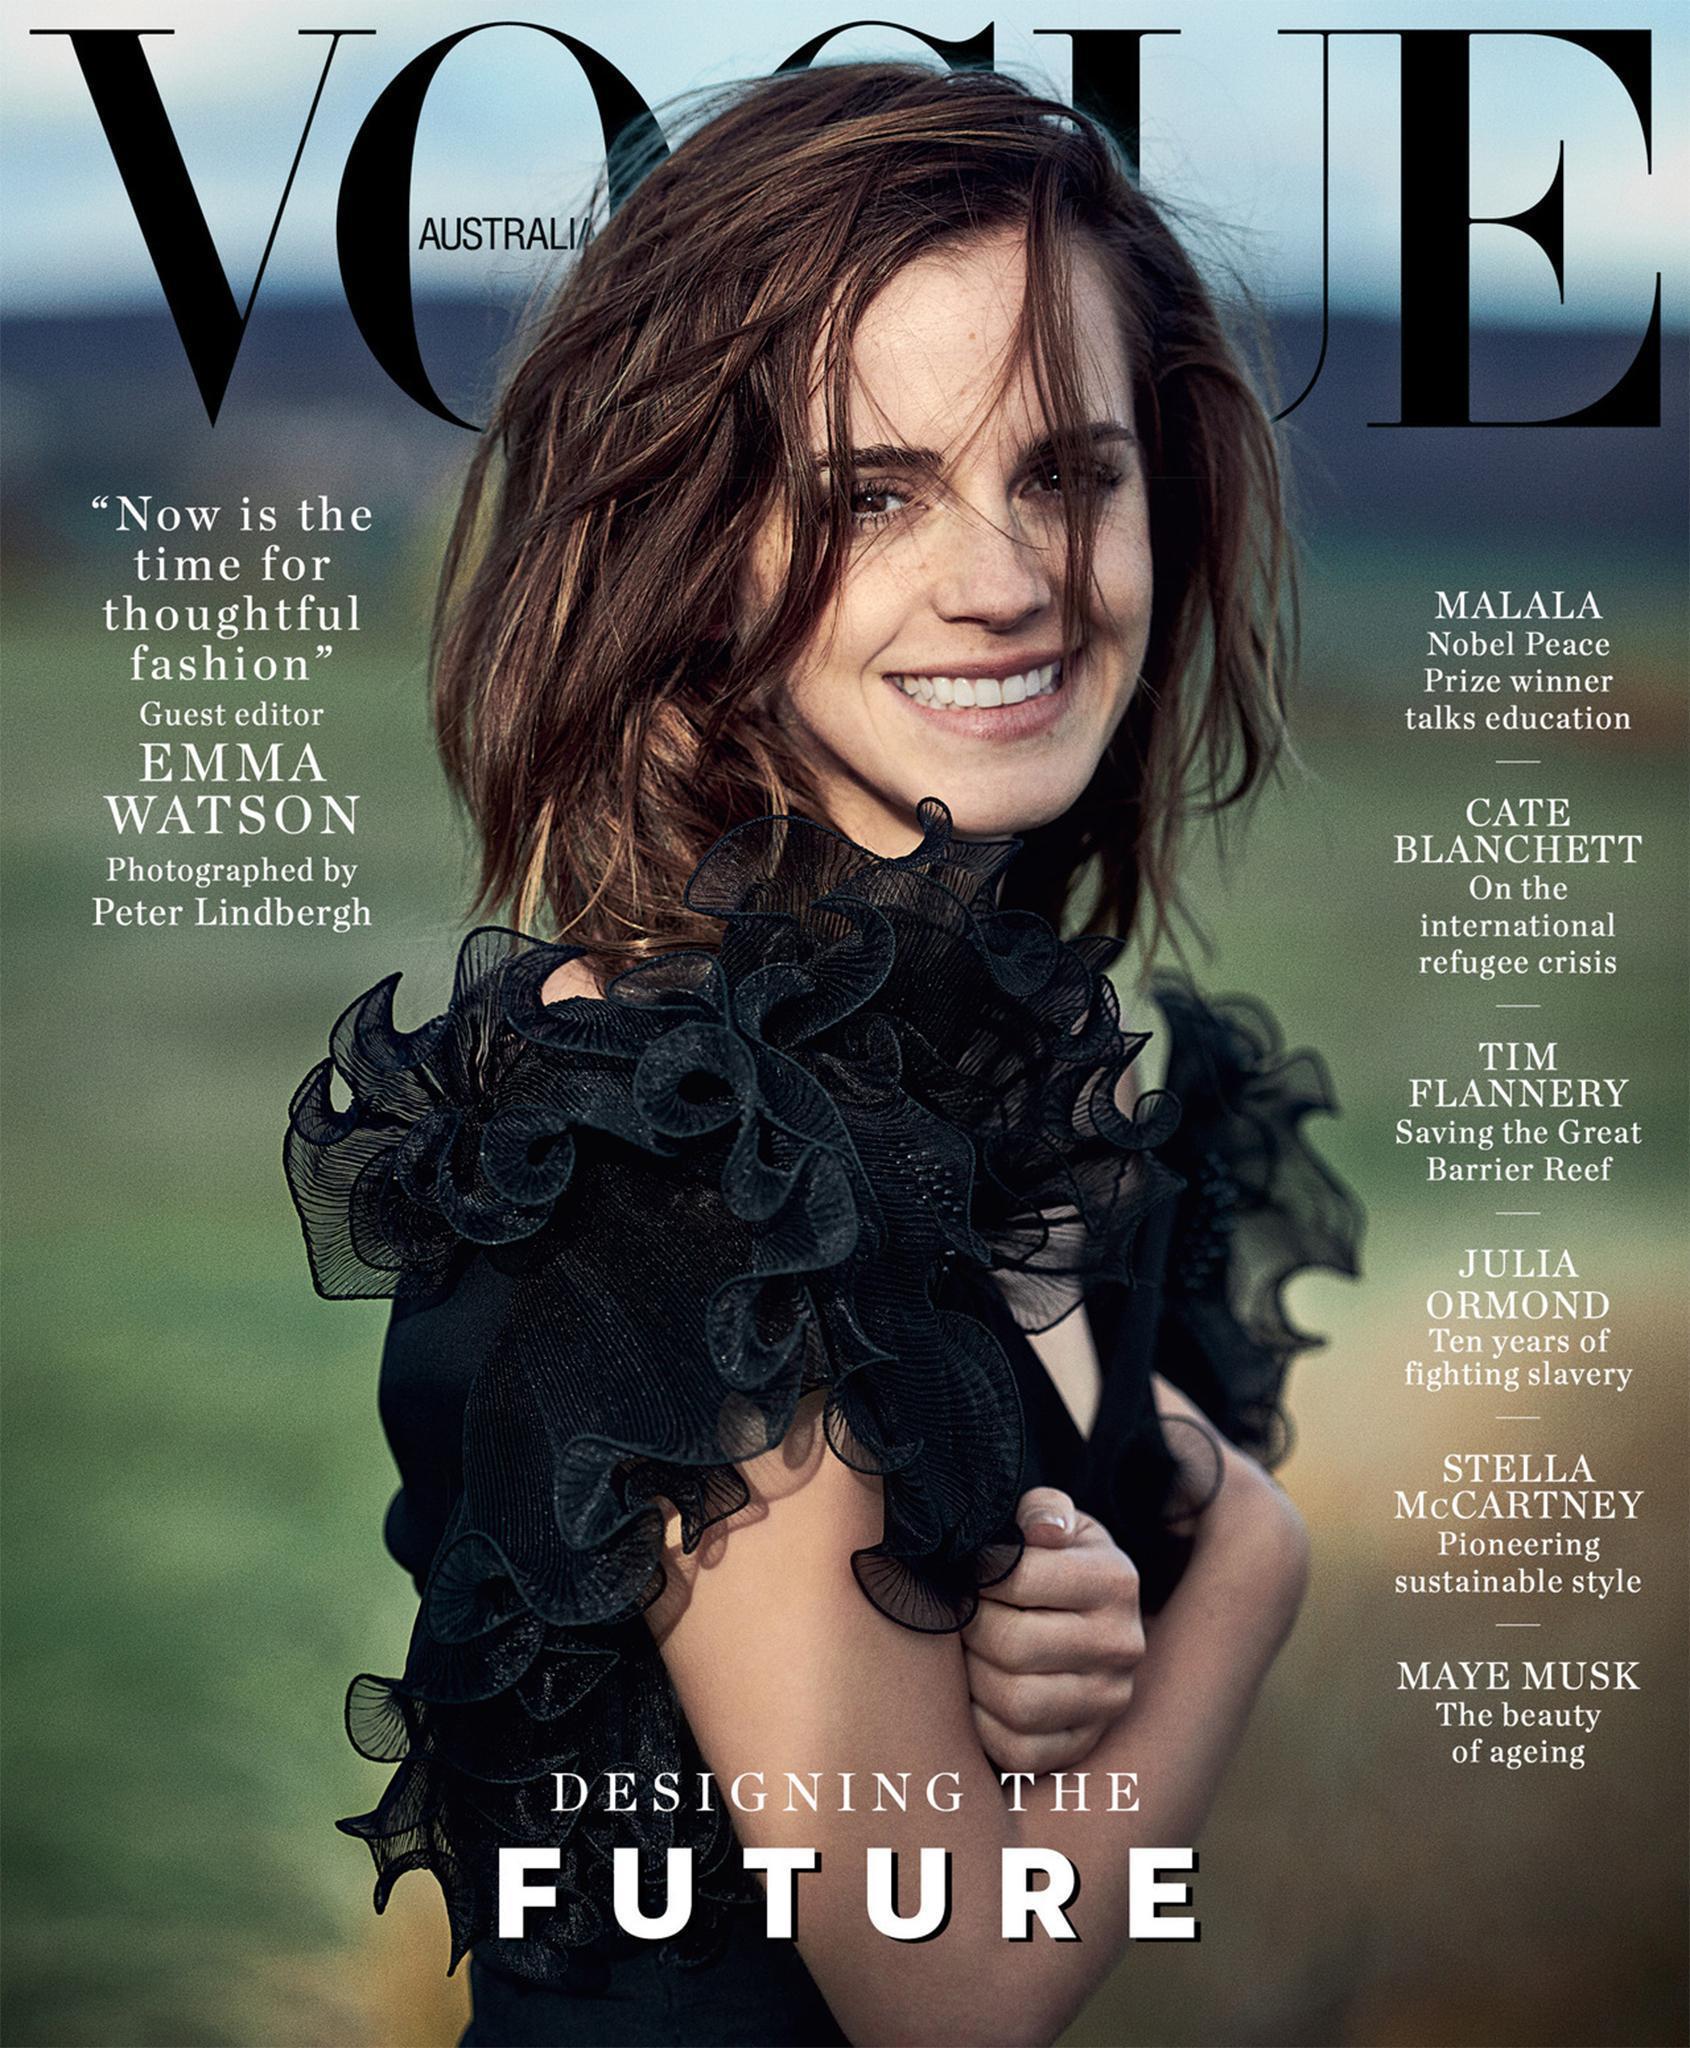 Emma Watson az ausztrál VOGUE címlapján - Fotó: Peter Lindbergh